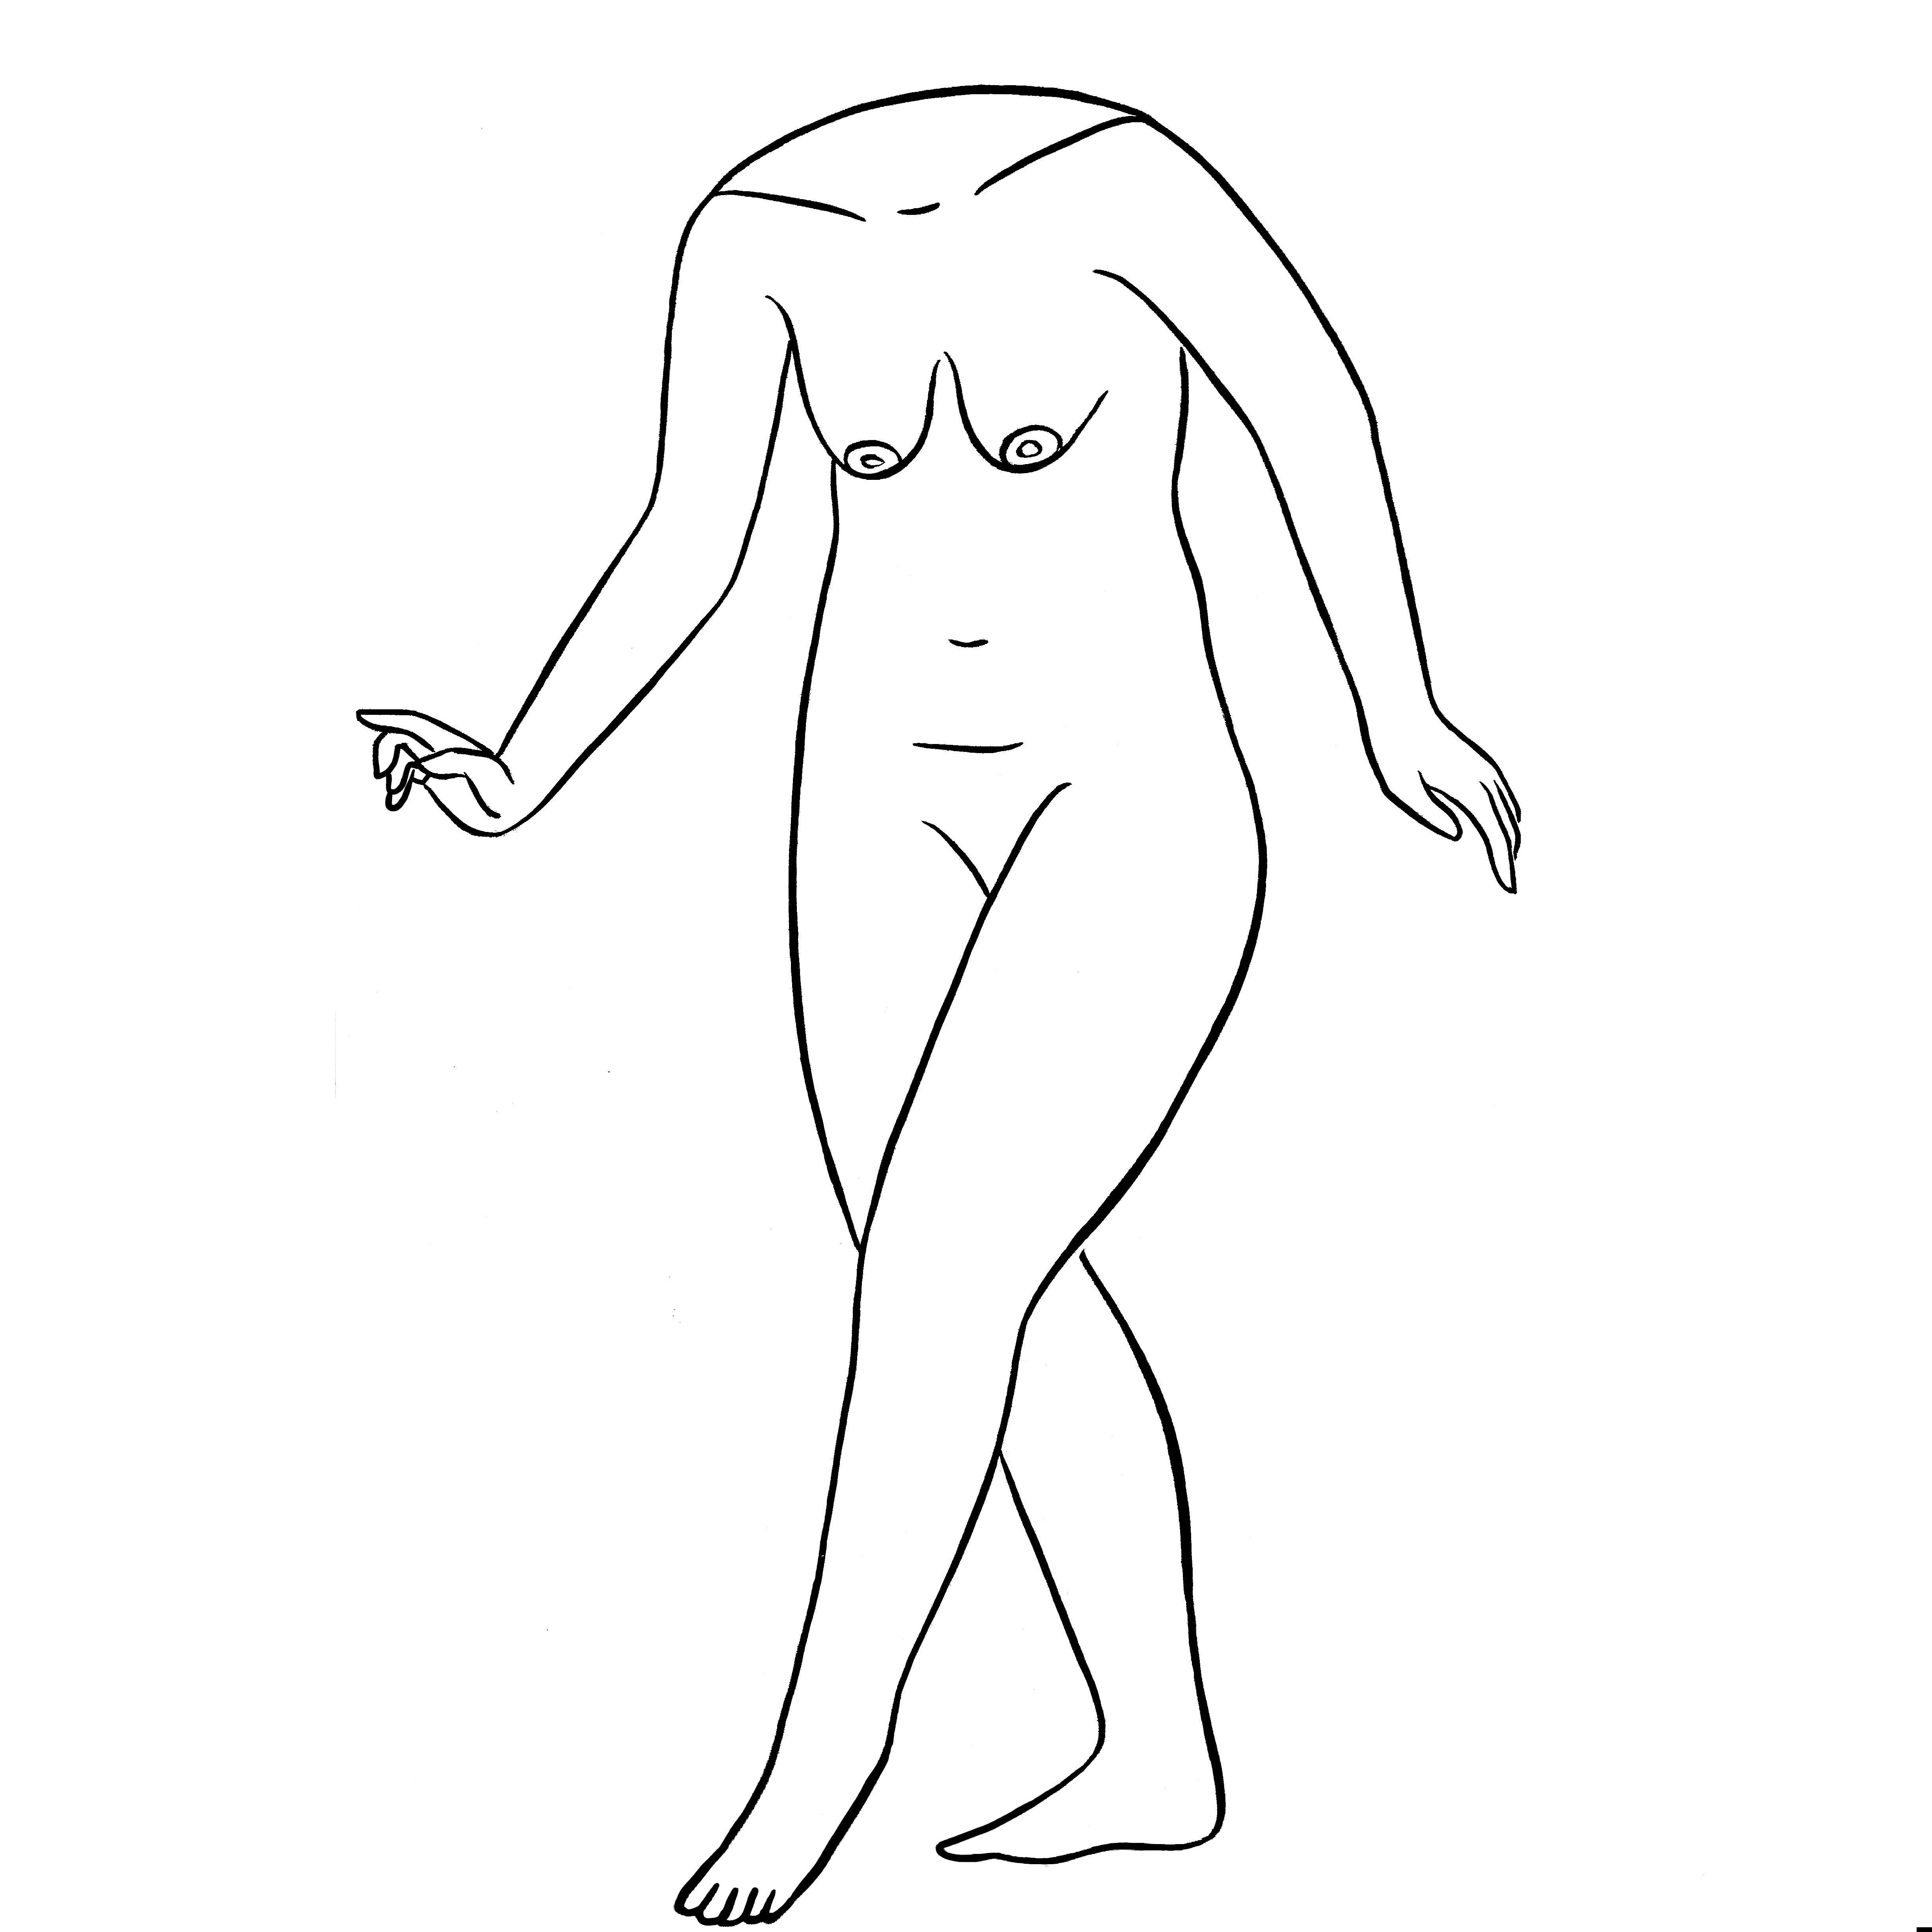 María Conejo, Figura IV (reflejo), tinta sobre papel